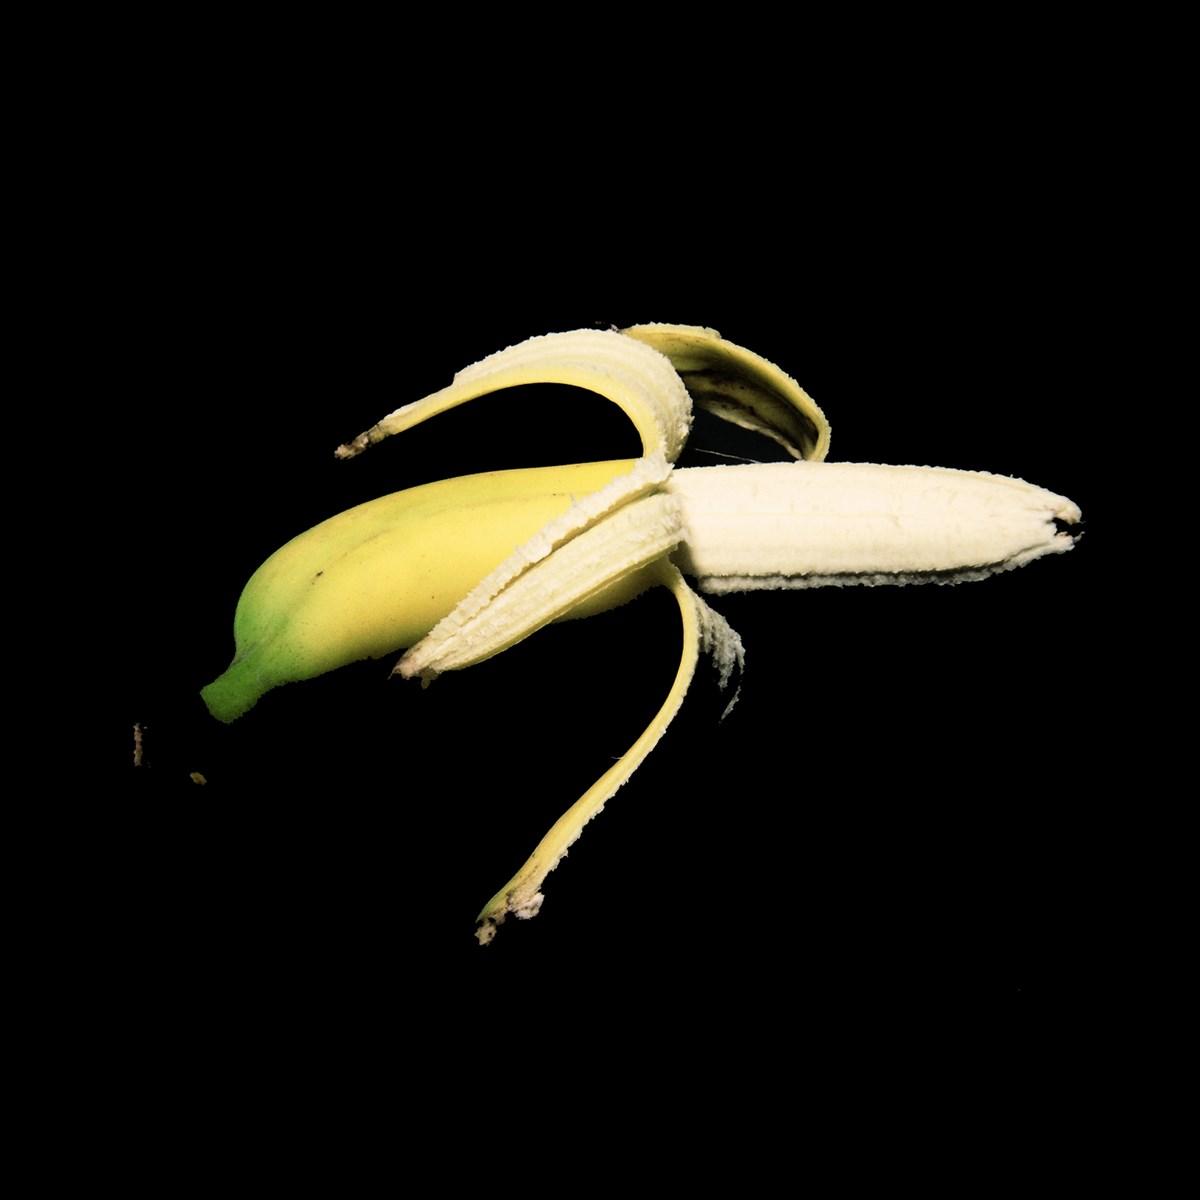 """Natalia LL, """"Banan II"""", 1995–2009, wydruk, płótno, 20 x 20 cm. Dzięki uprzejmości artystki (źródło: materiały prasowe organizatora)"""